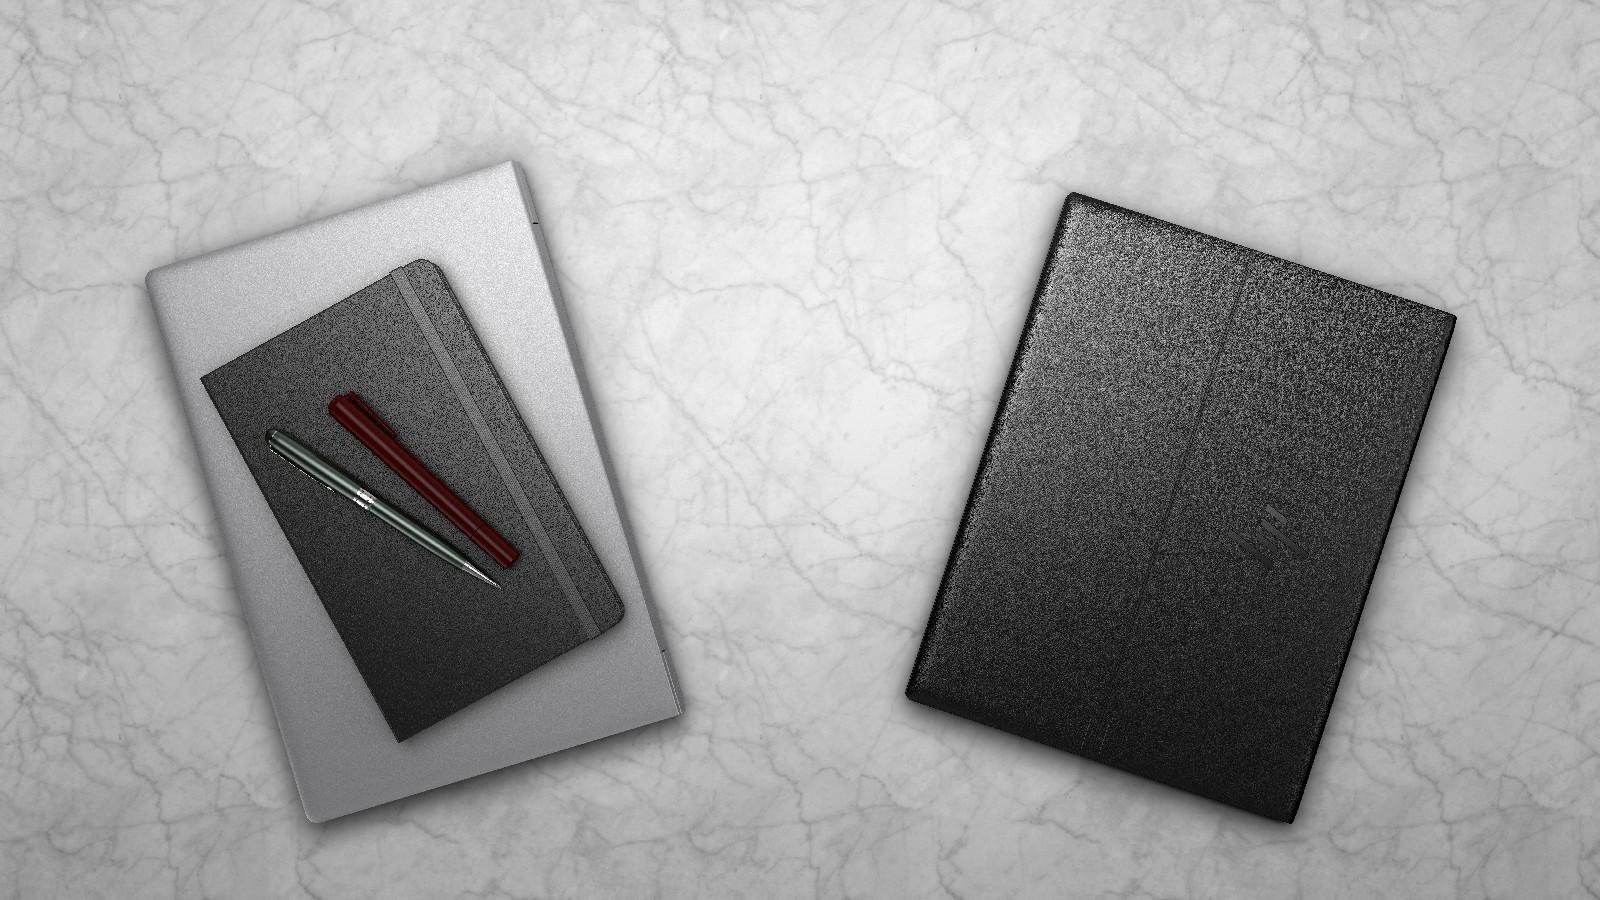 CES 2021: Деловой ноутбук HP Elite Folio в кожаном корпусе использует процессор Snapdragon (91794702 5214 11eb b6bf 7da5b8bd6186)